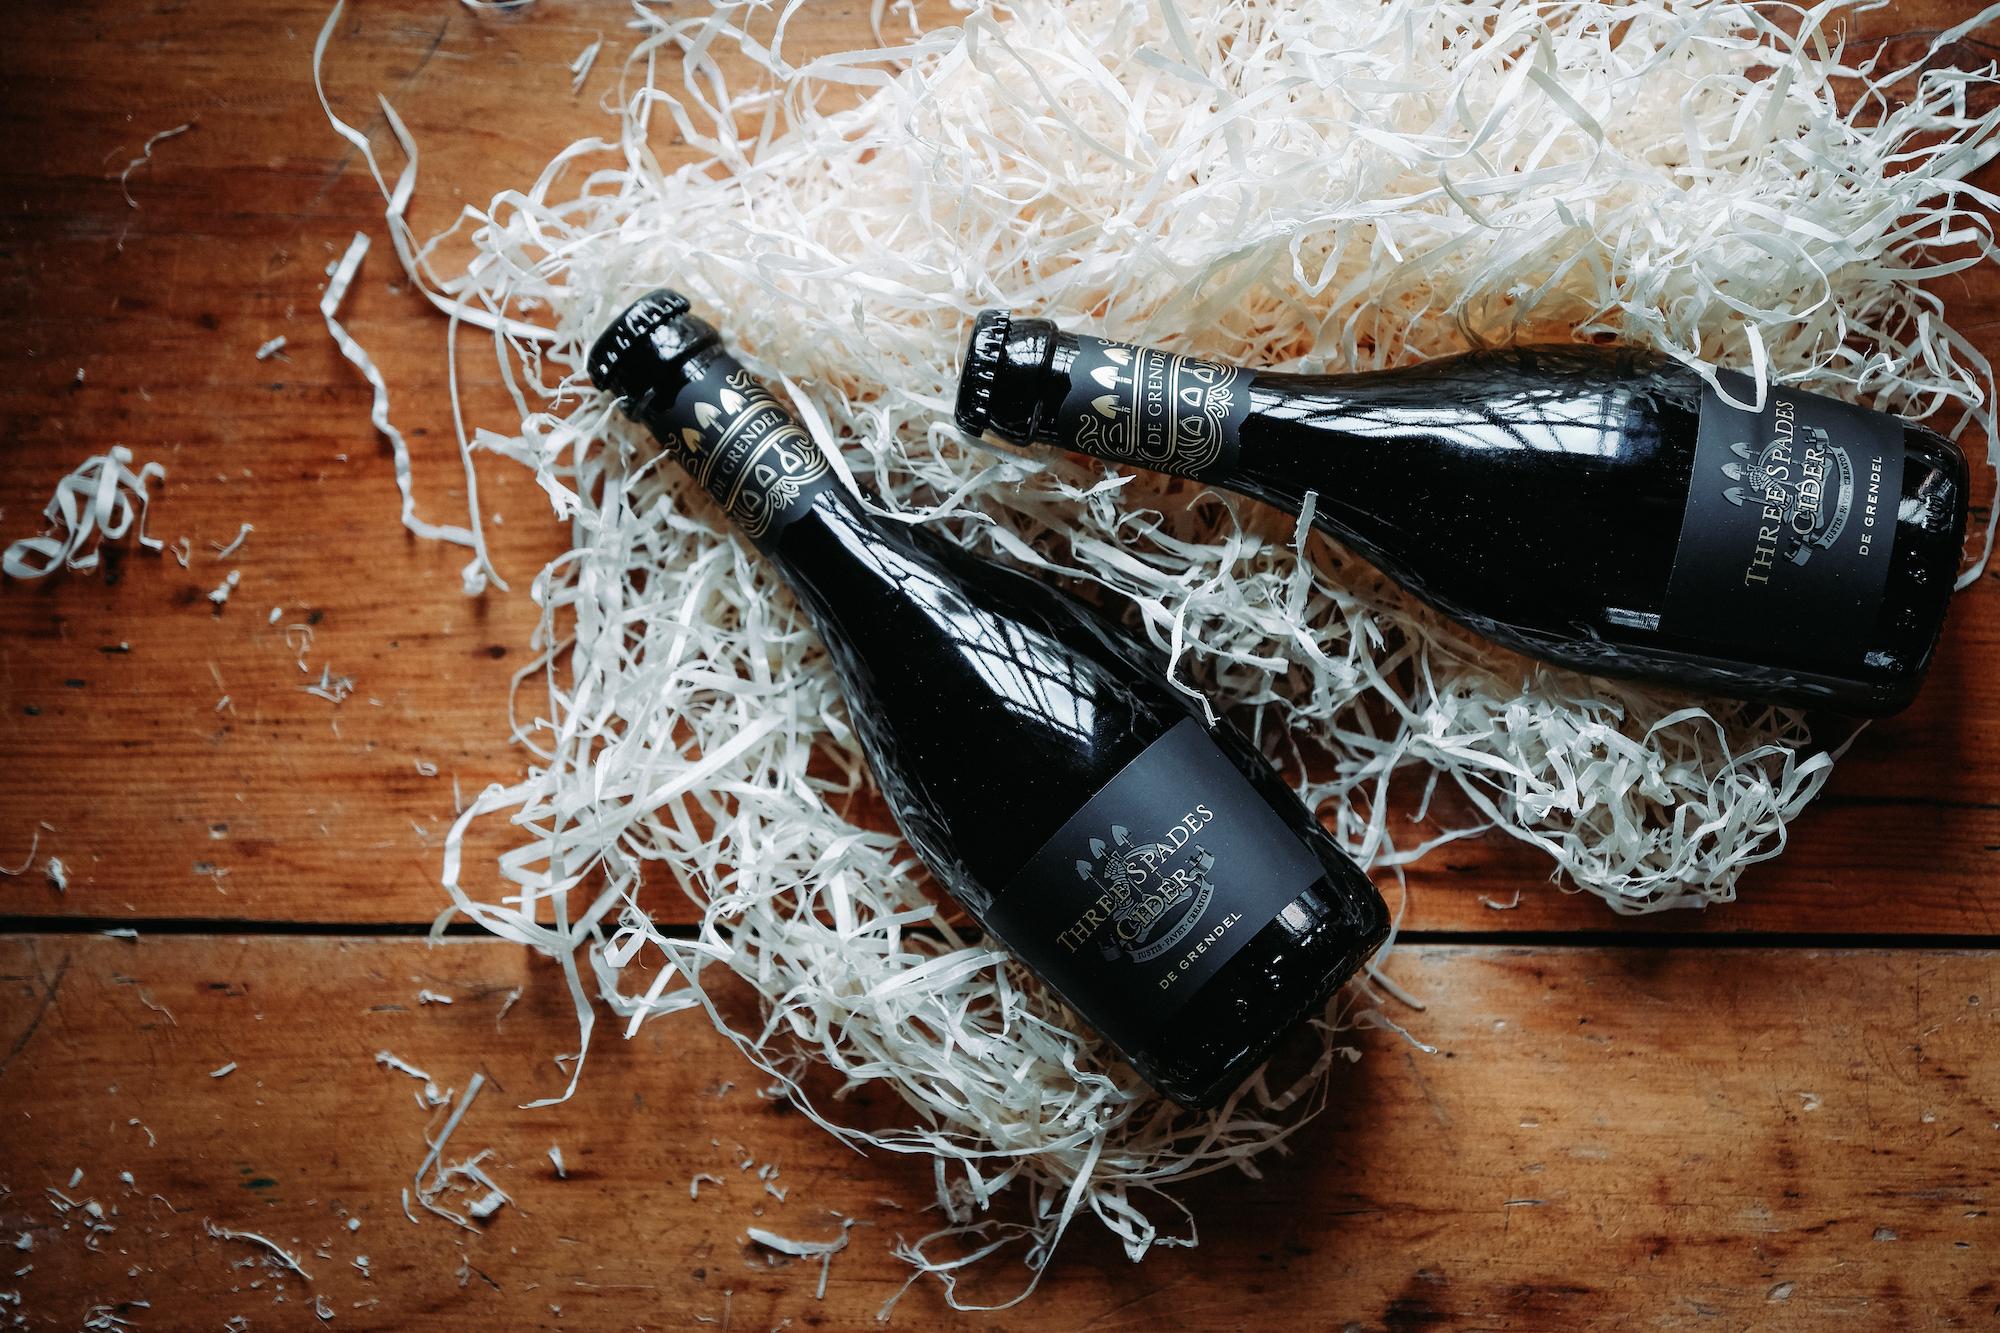 De Grendel's Three Spades Cider